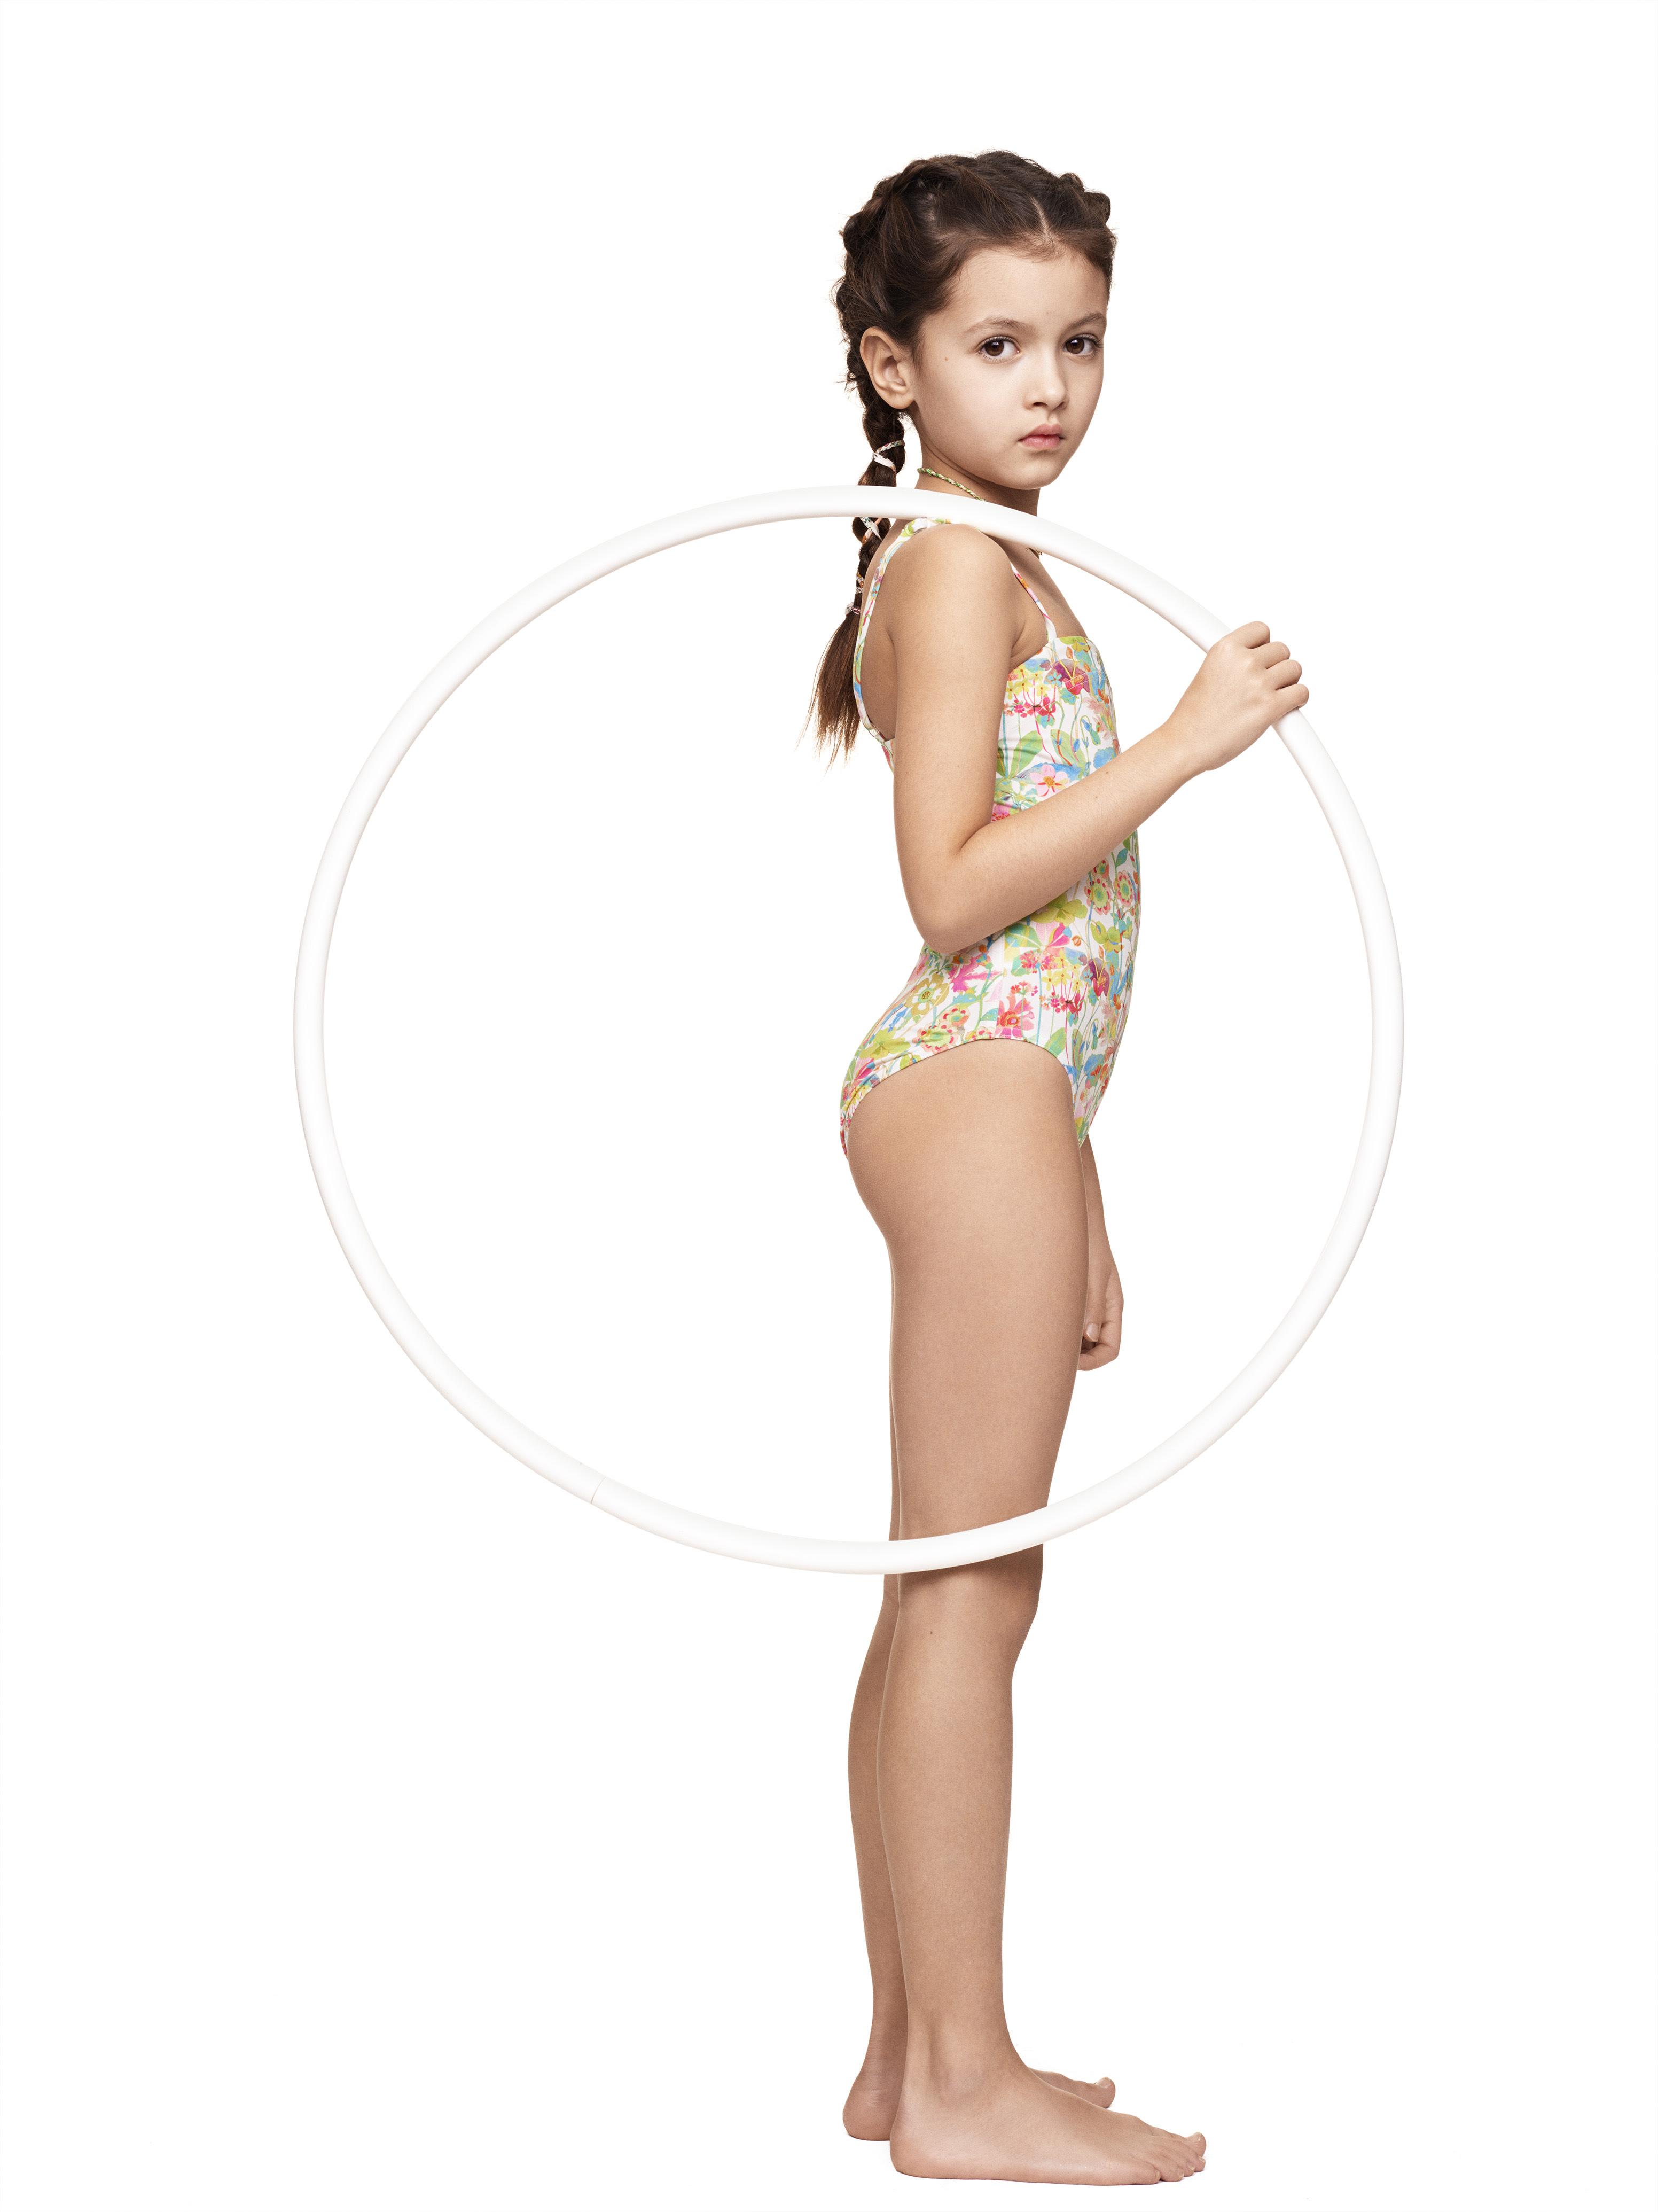 dec263e6 c004 49e8 ae68 b87289108236 - Eres y Bonpoint colaboran en una colección de  ropa de baño para niñas y madres